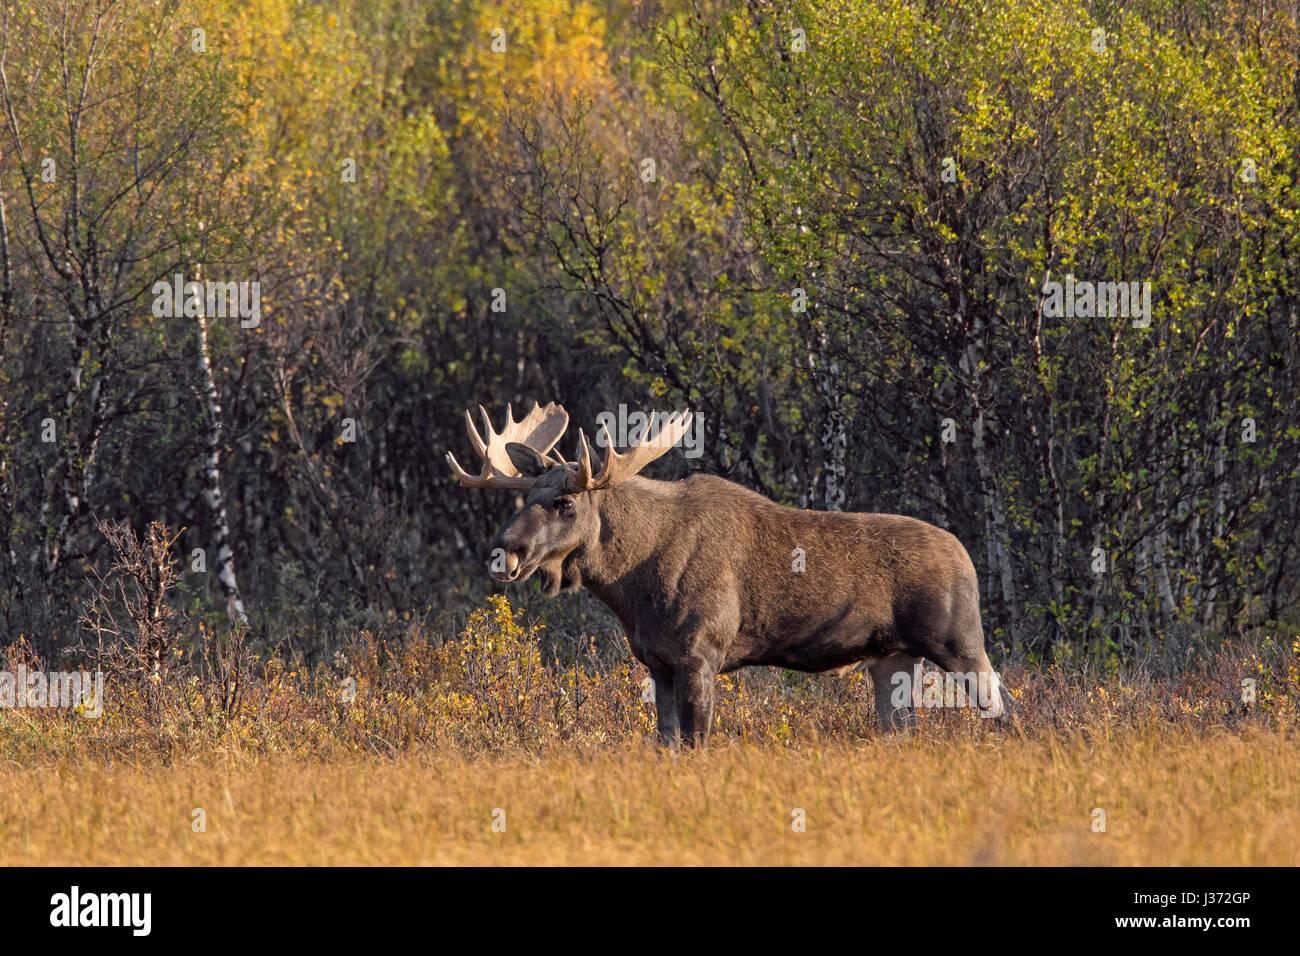 L'orignal (Alces alces) bull nourriture dans la lande avec les bouleaux en automne, Scandinavie Banque D'Images